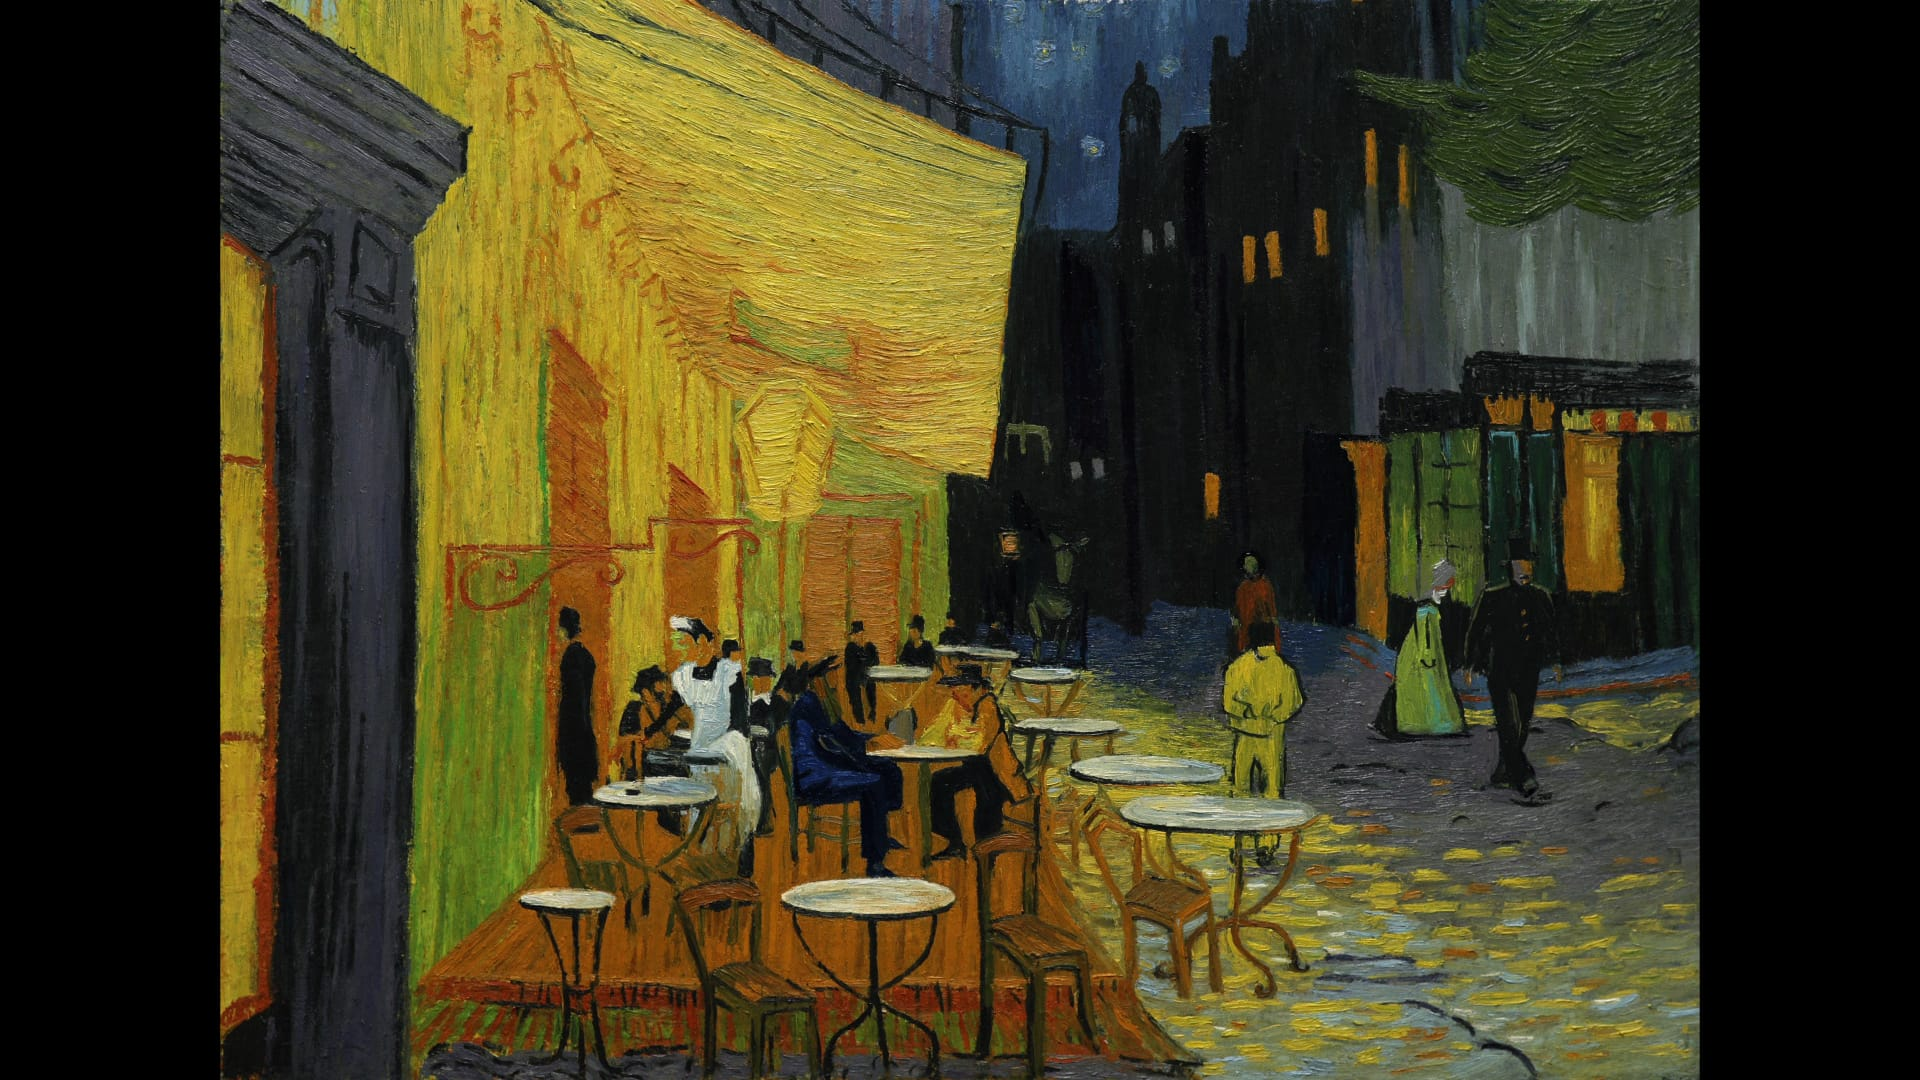 Festival international du film d'animation d'Annecy 2017 image La Passion Van Gogh